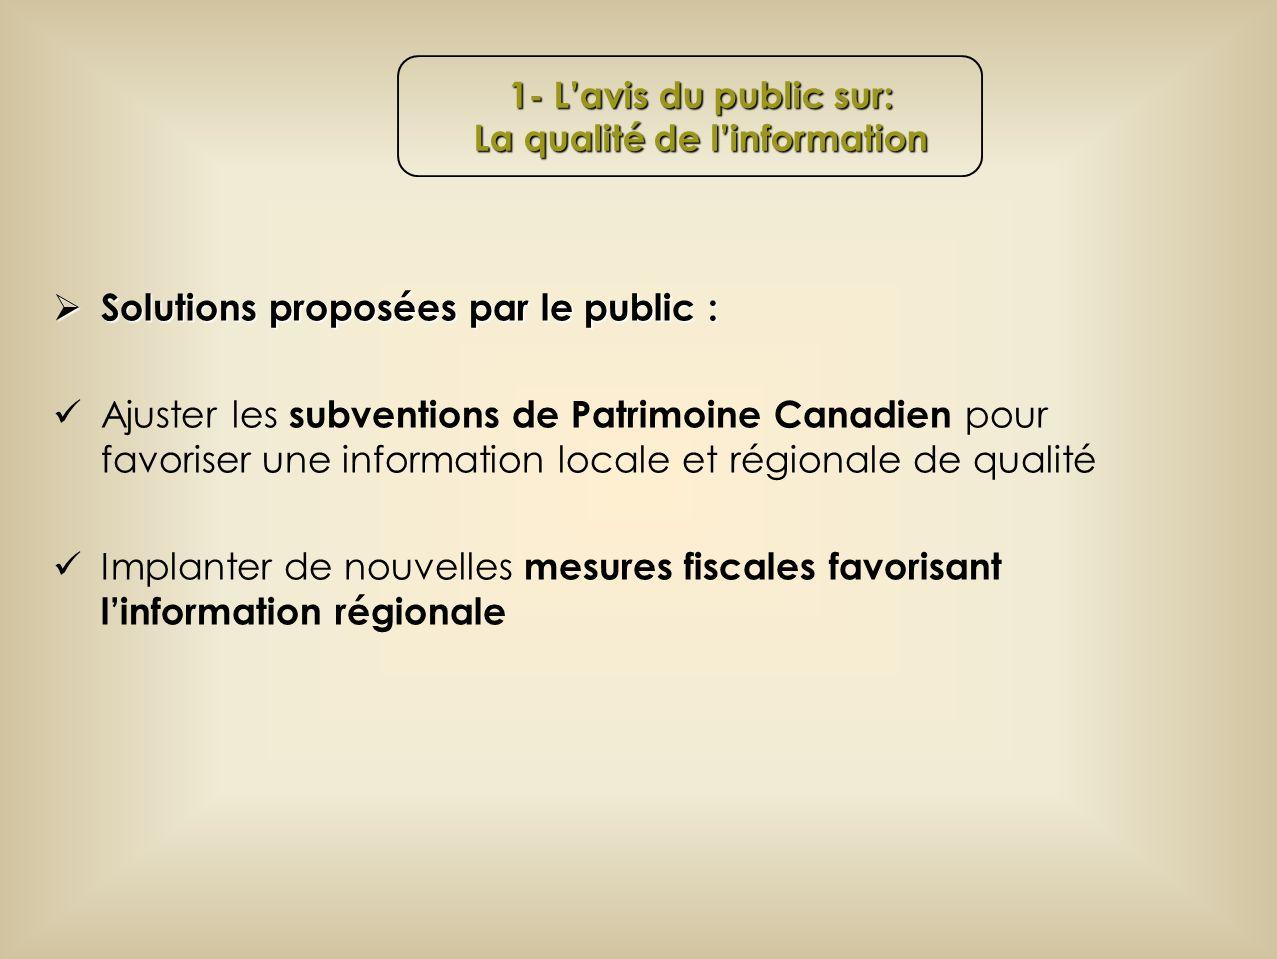 Solutions proposées par le public : Solutions proposées par le public : Ajuster les subventions de Patrimoine Canadien pour favoriser une information